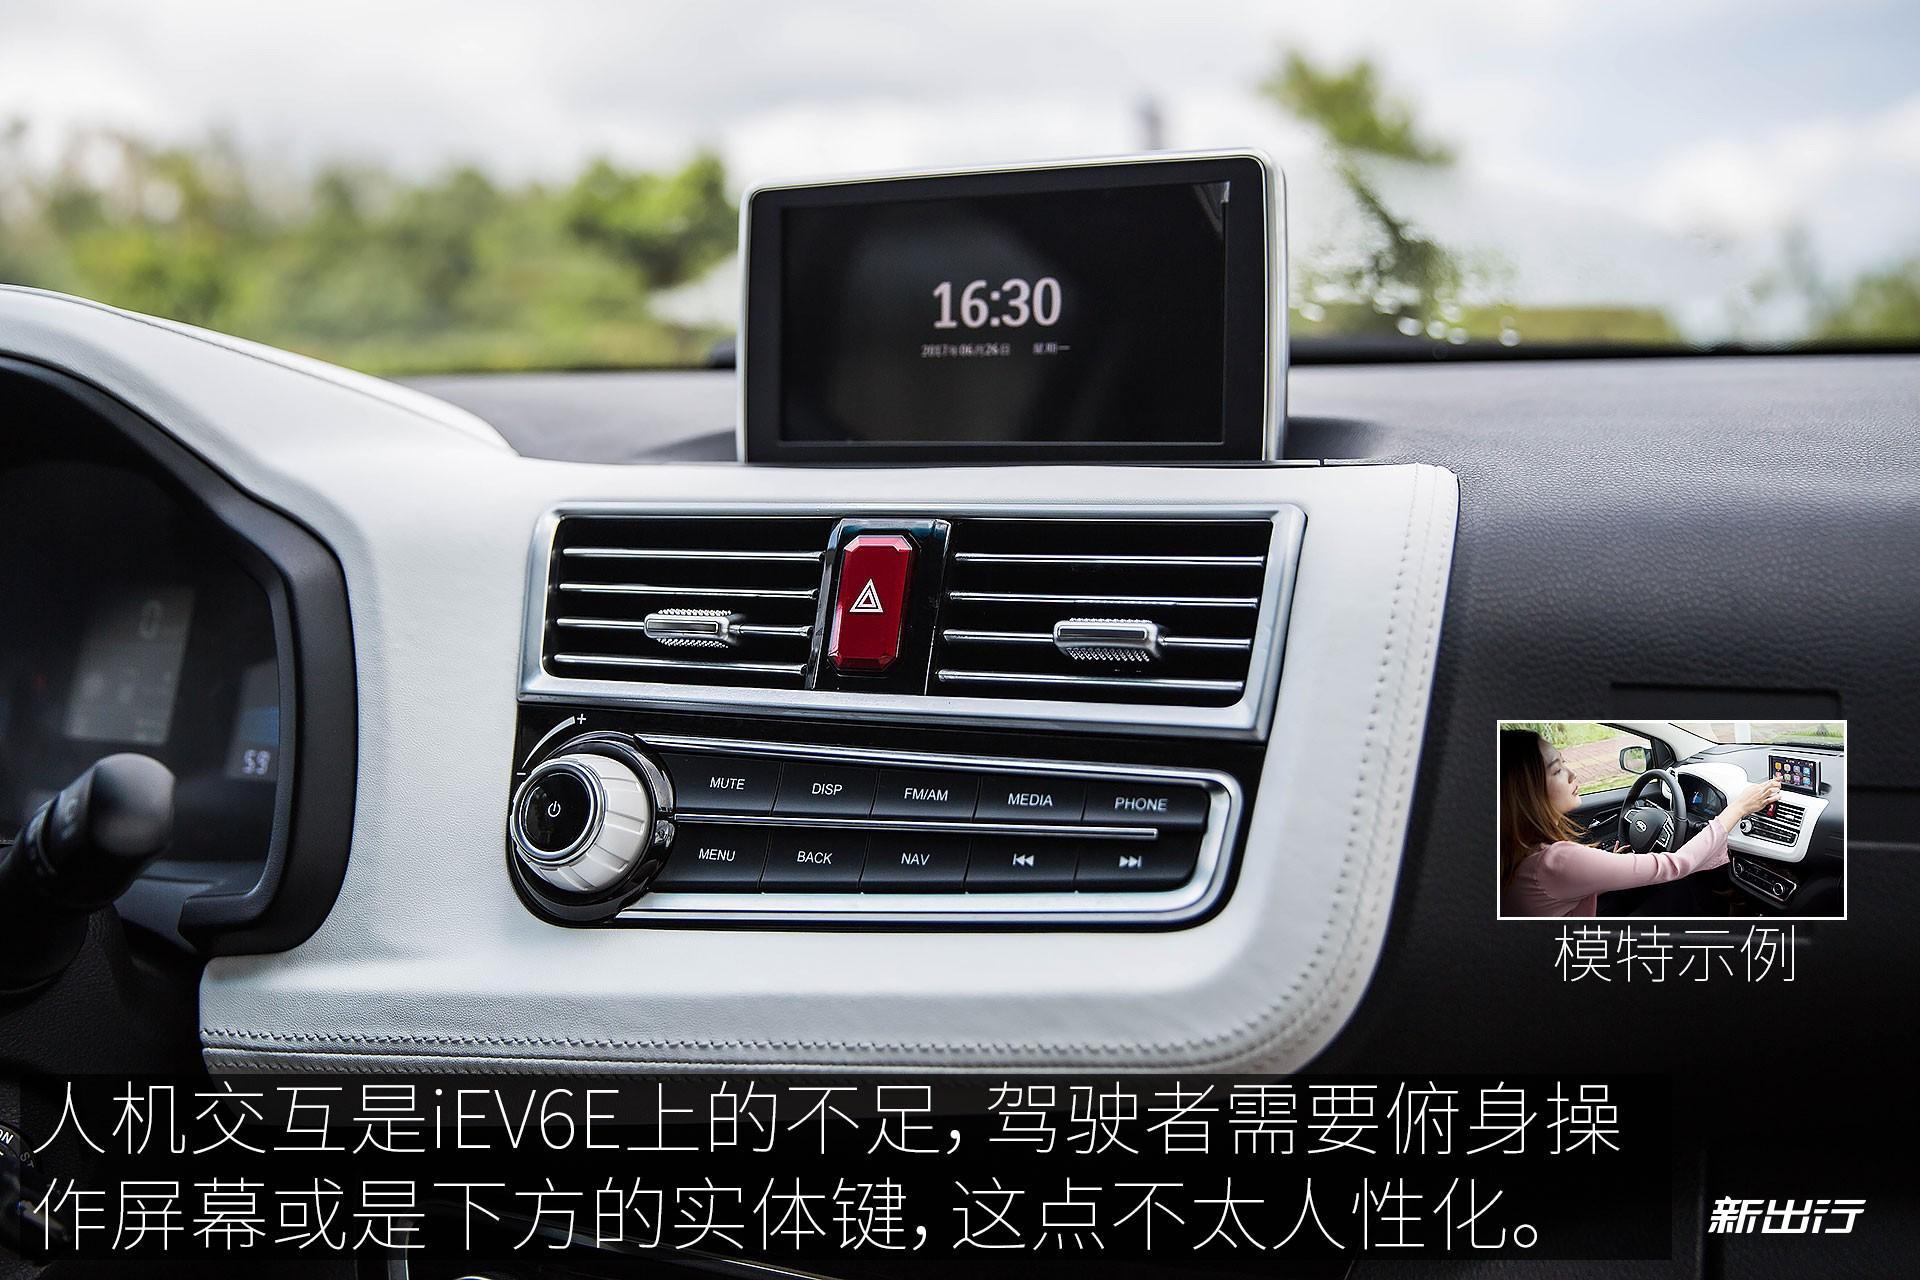 五车对比_多媒体系统对比_江淮iEV6E_02.jpg